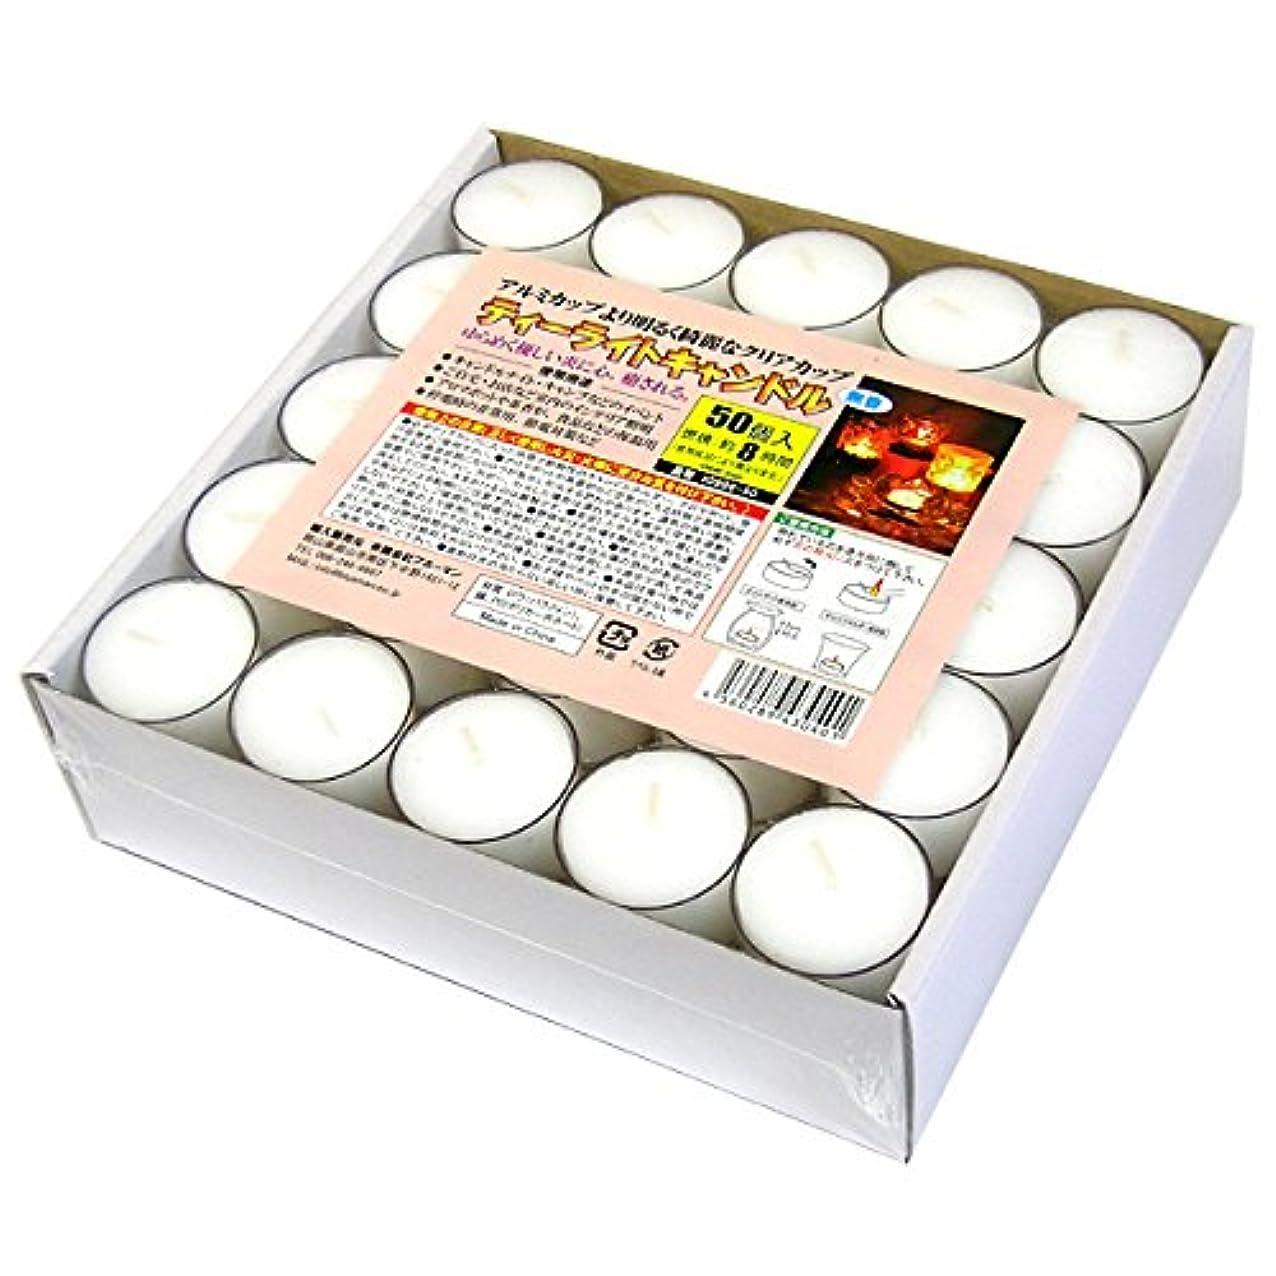 家禽放出スタジオティーライトキャンドル クリアカップ 燃焼 約8時間 1,000個 ティーキャンドル ロウソク